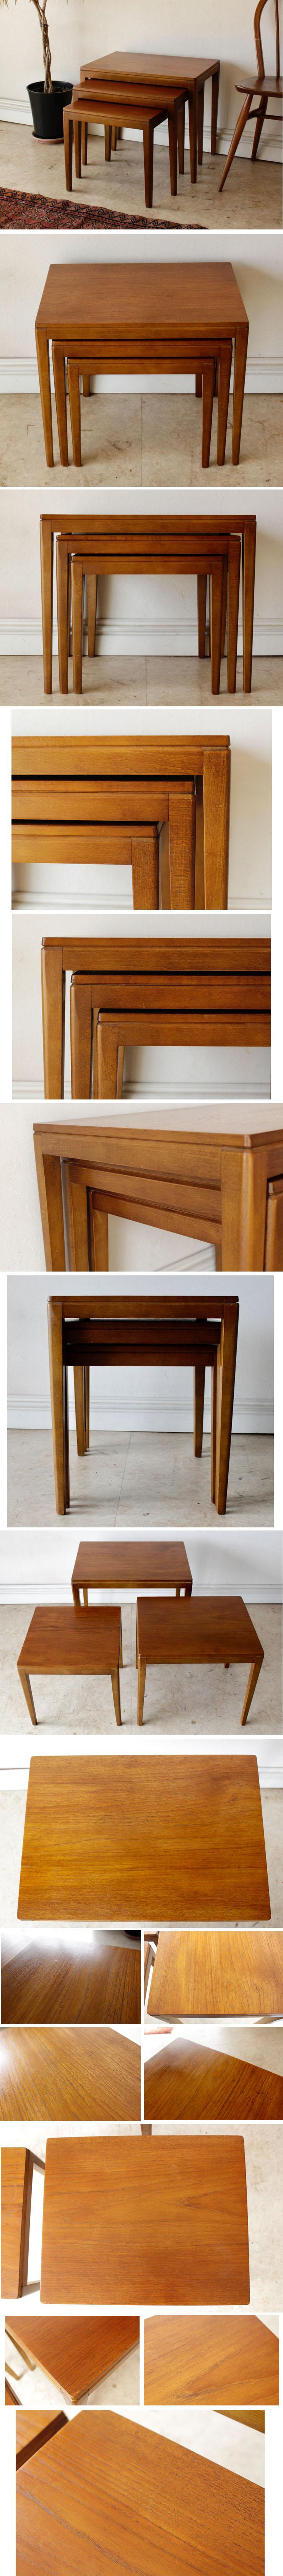 ネストテーブル・コーヒーテーブル・イギリス・チーク・ビンテージ ・アンティーク・北欧